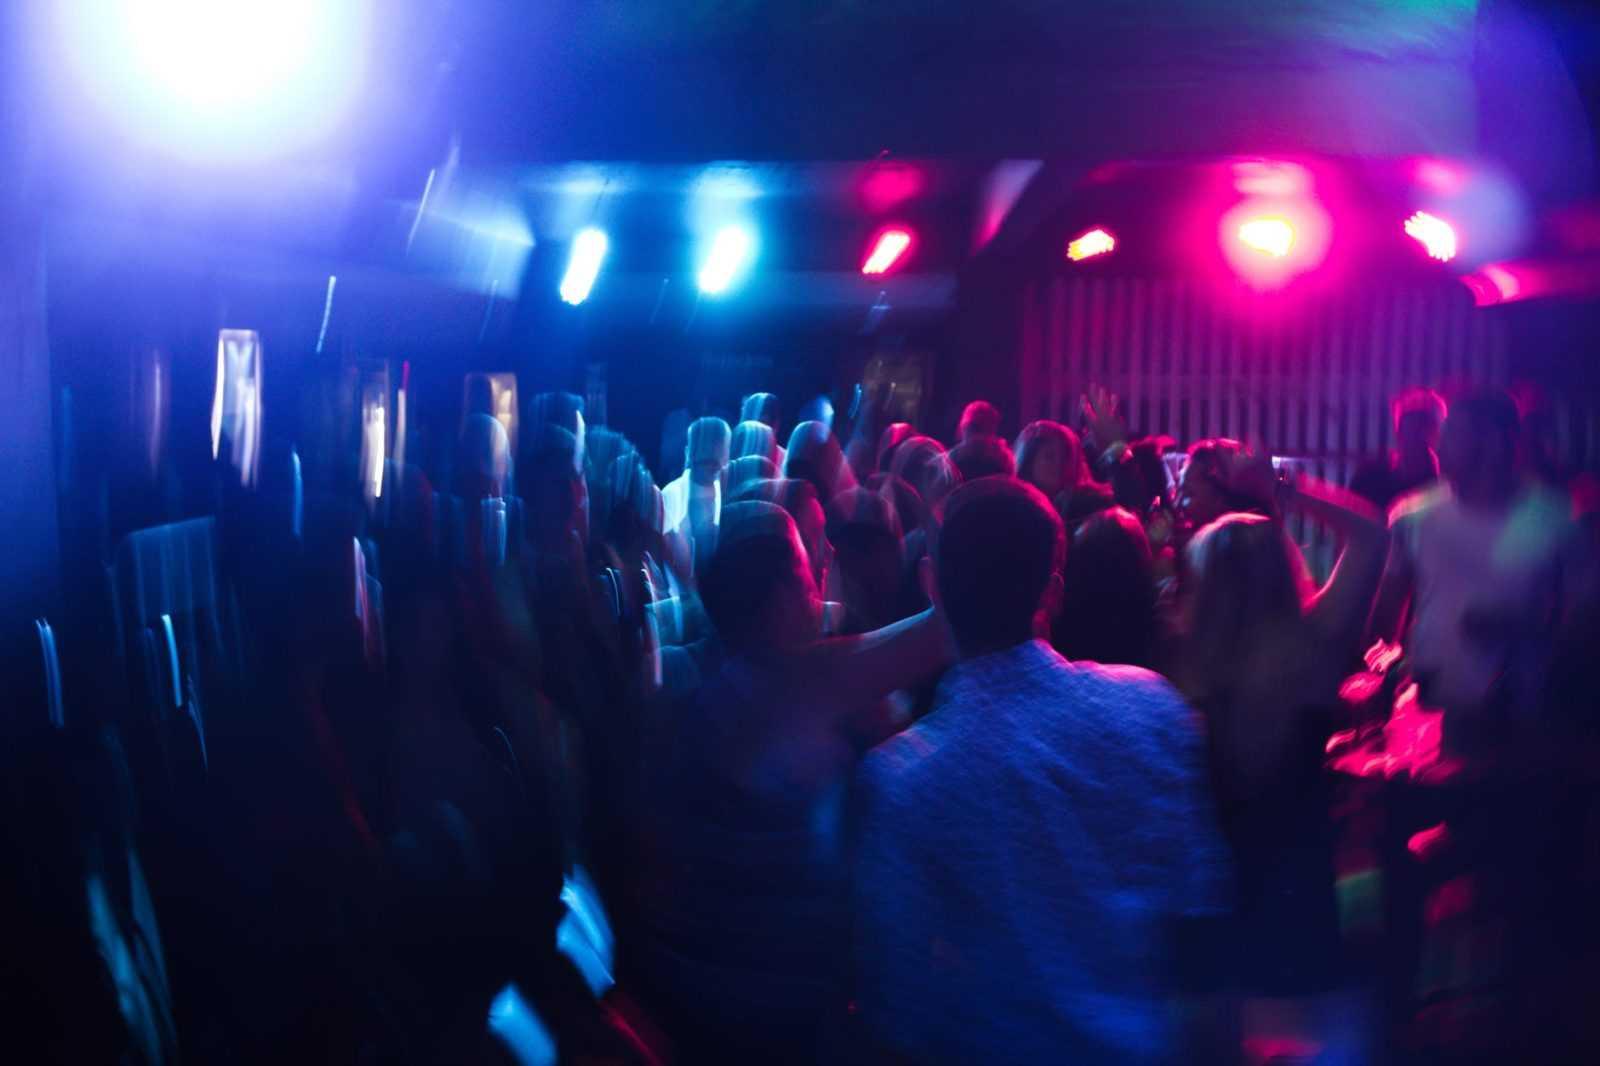 pexels photo 801863 Zamość: Mężczyzna spadł ze schodów w nocnym klubie. Policja szuka świadków zdarzenia